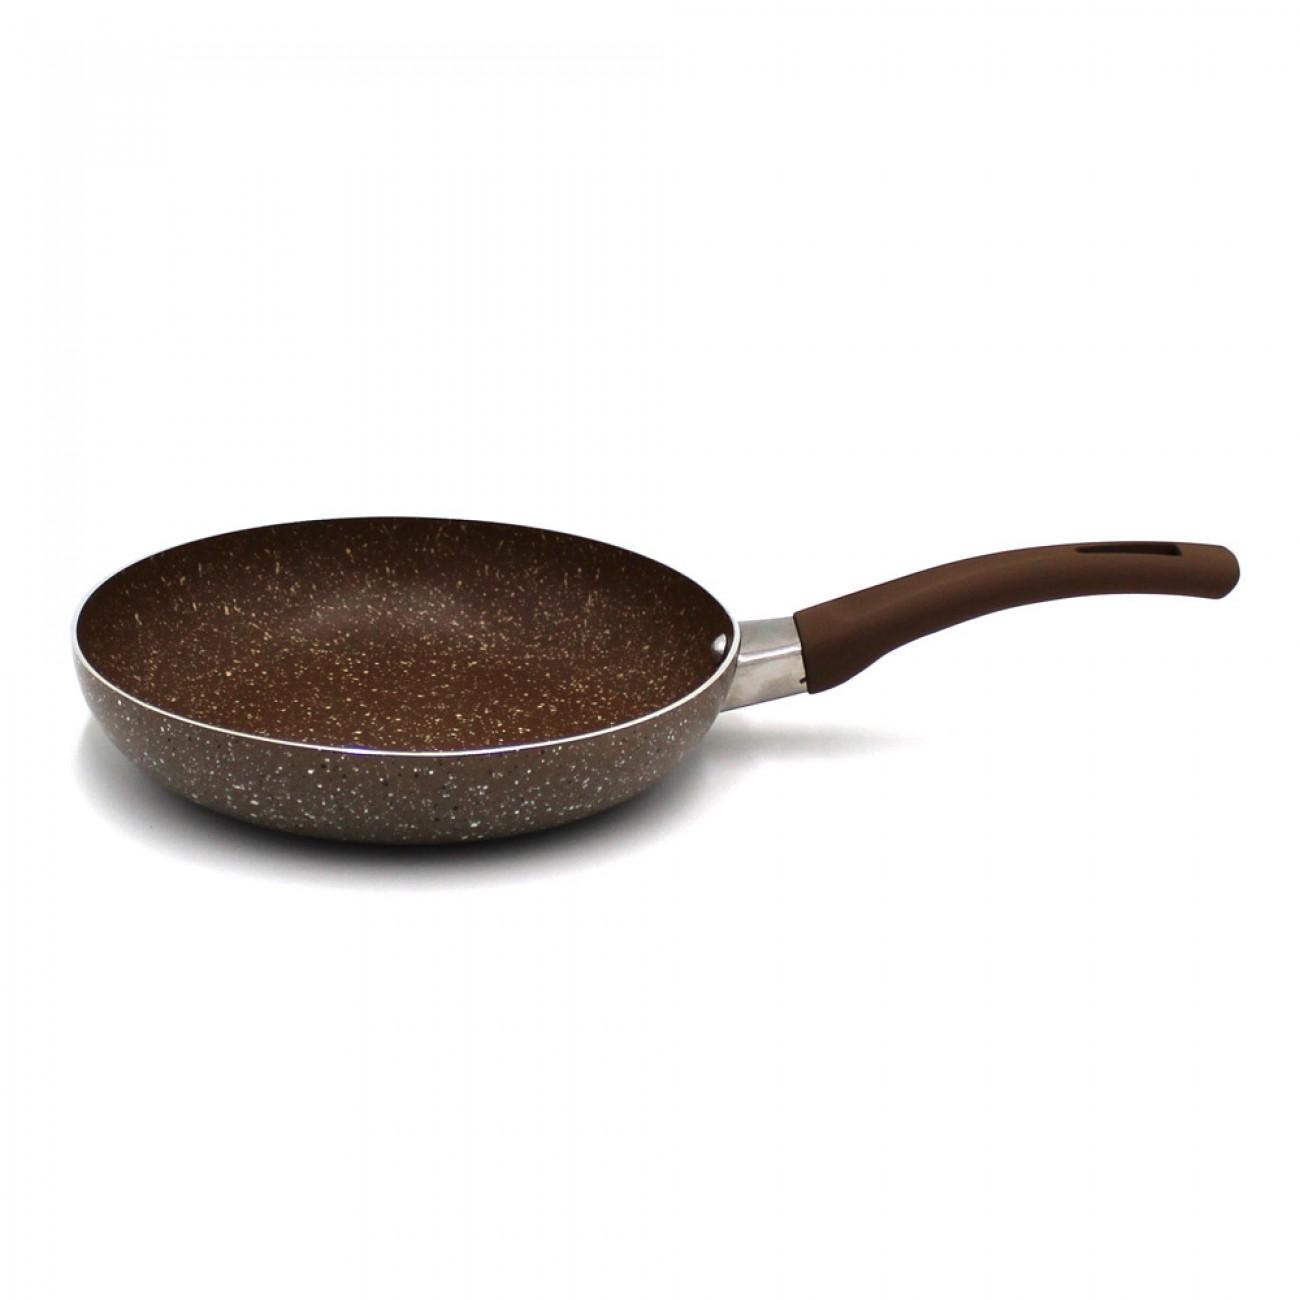 Тиган с мраморно покритие OEM 2575-9, 16 см, Кафяв в Тигани - OEM | Alleop